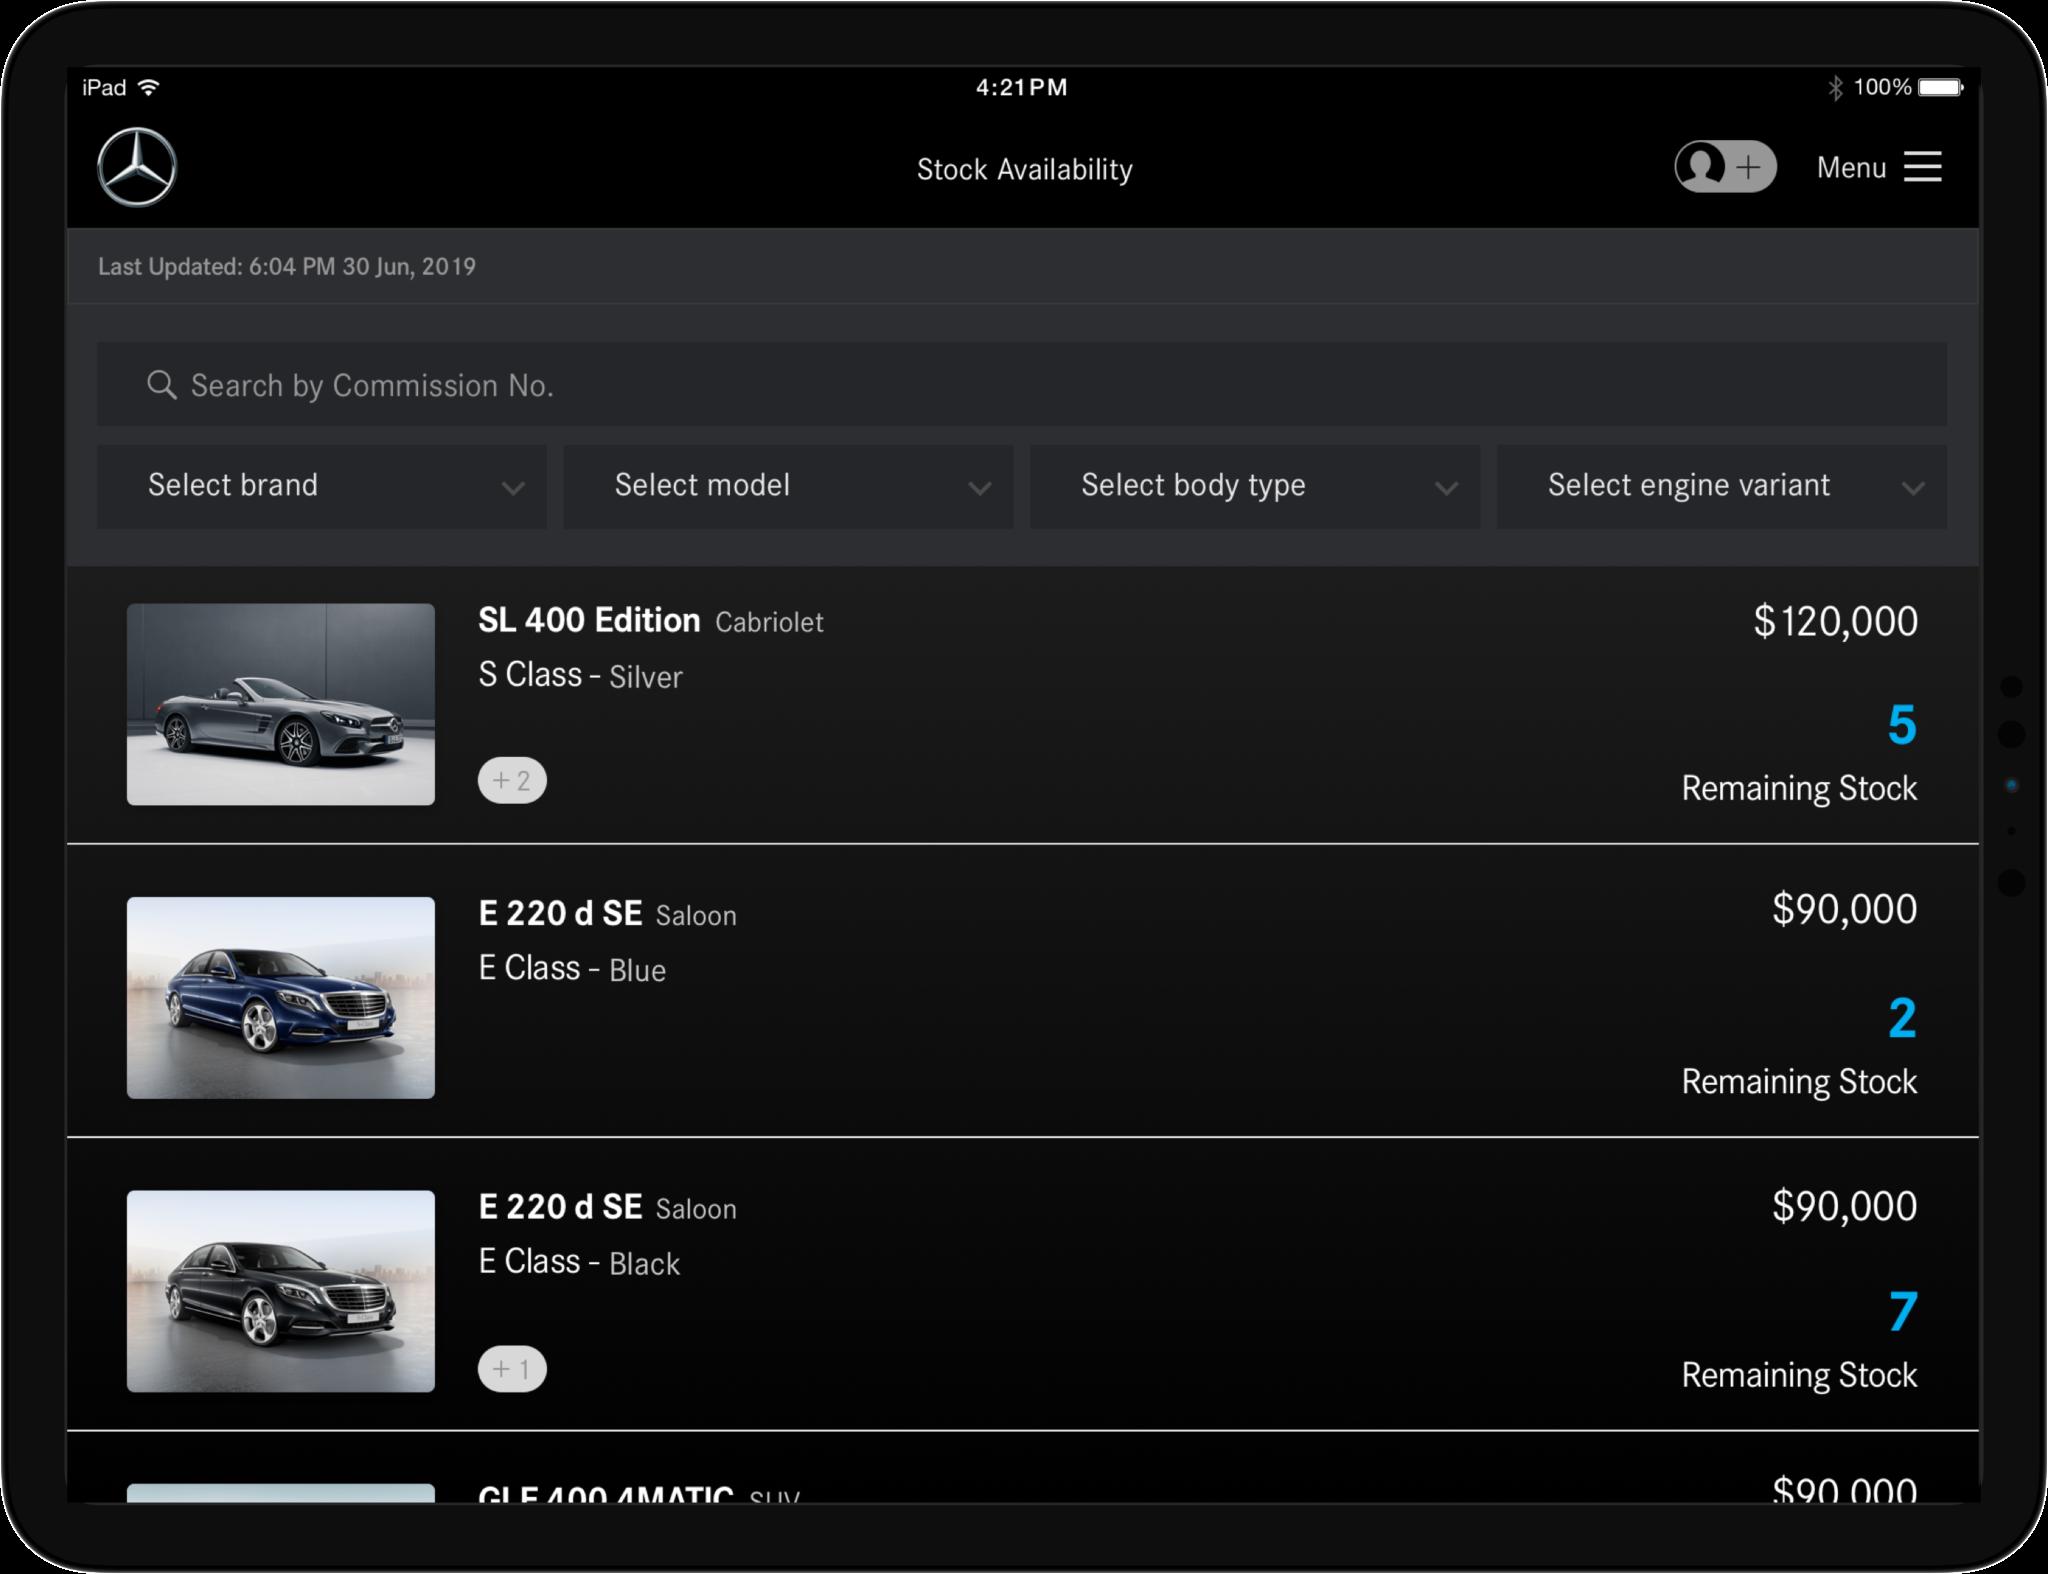 Daimler Vehicle Availability